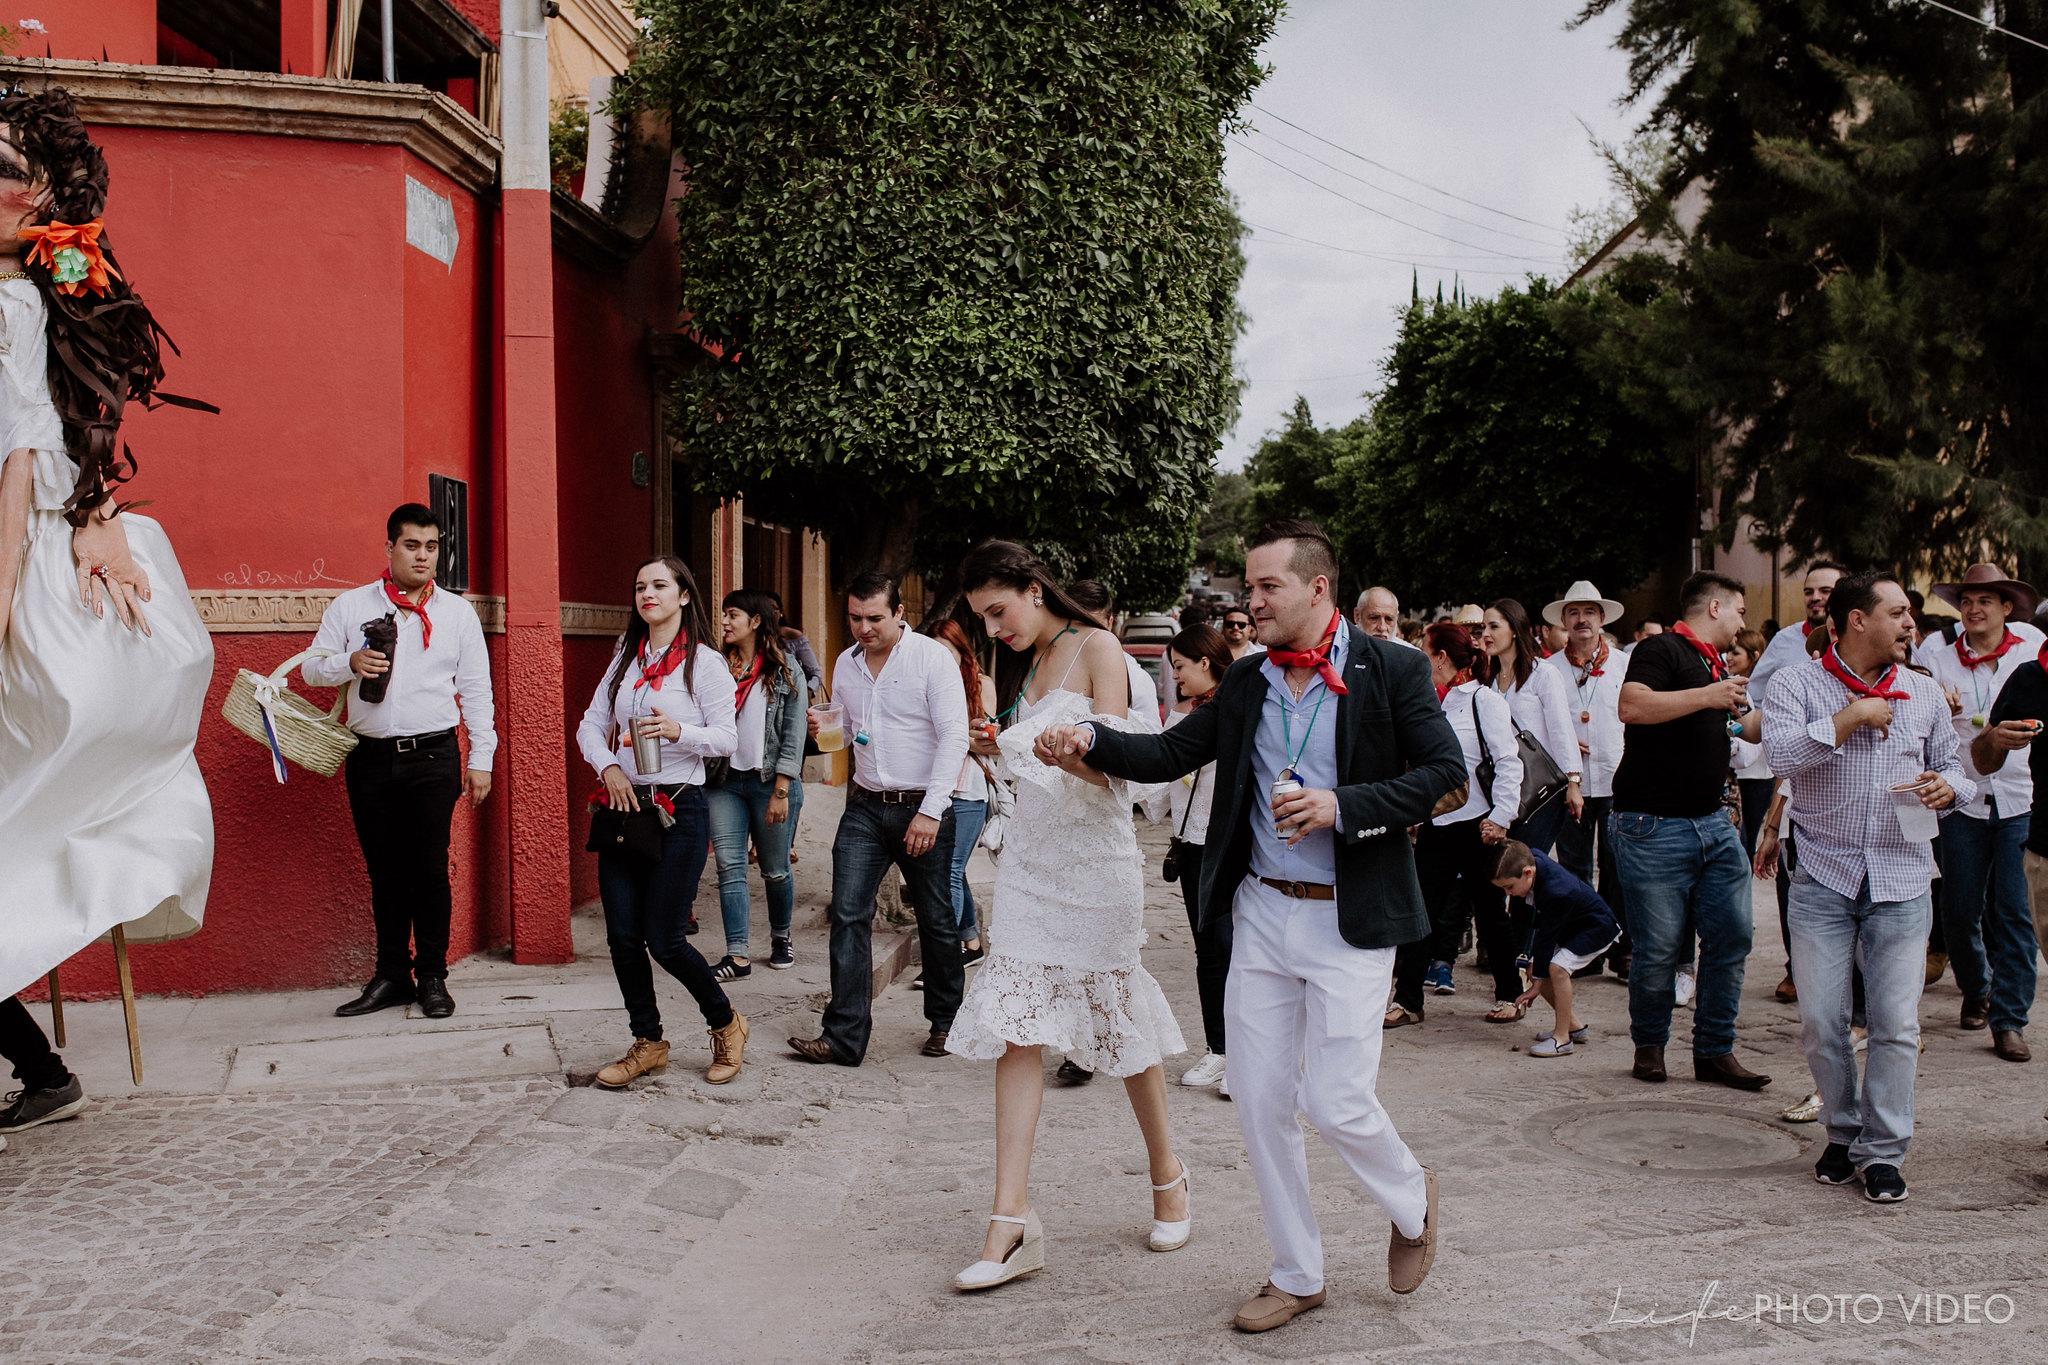 SanMigueldeAllende_Wedding_Callejoneada_Vaquillada_0057